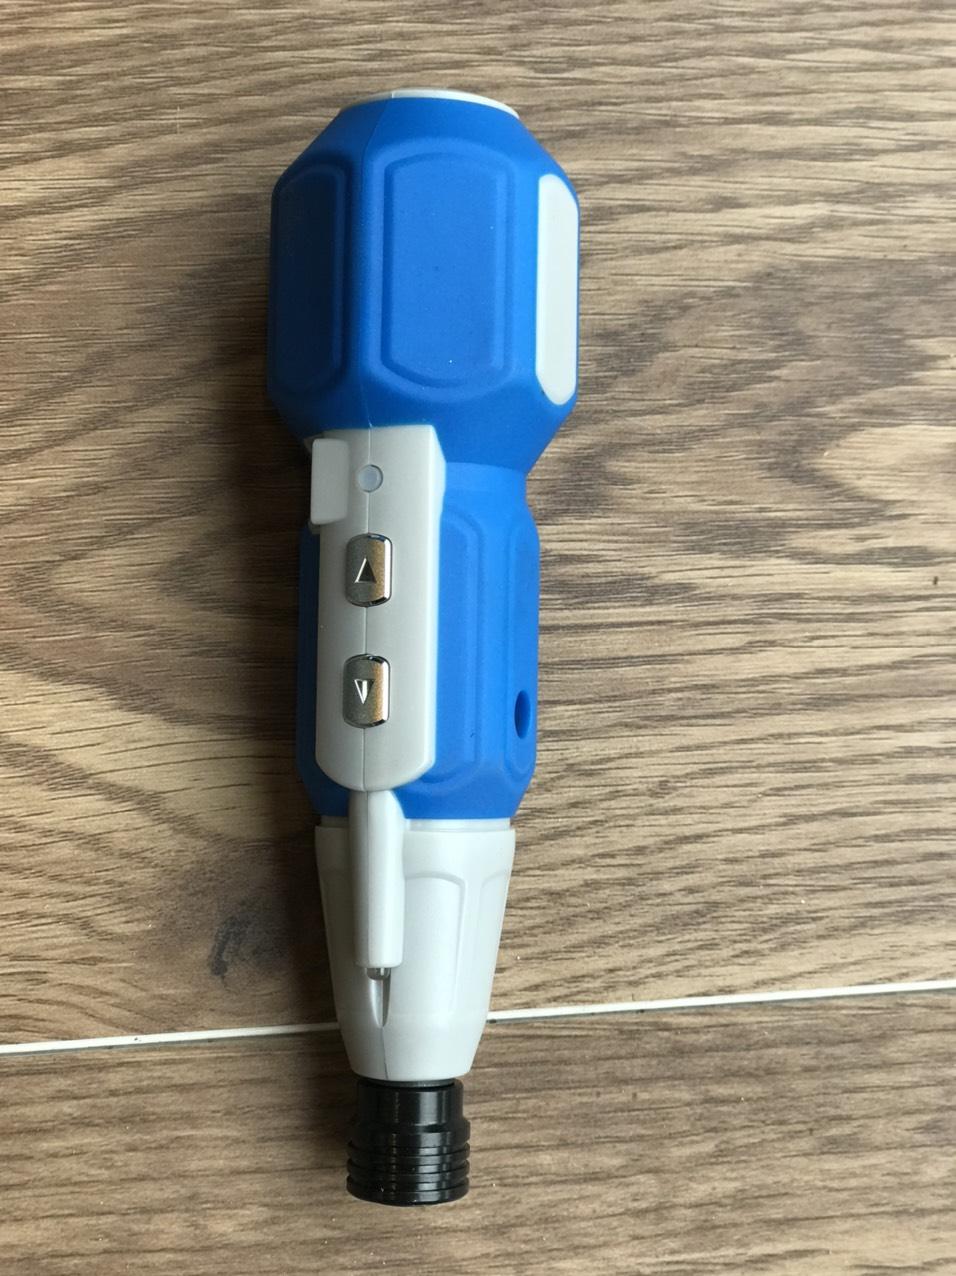 Máy vặn vít sửa máy tính, bo mạch điện tử sử dụng pin sạc chinh hãng Cmart W0043